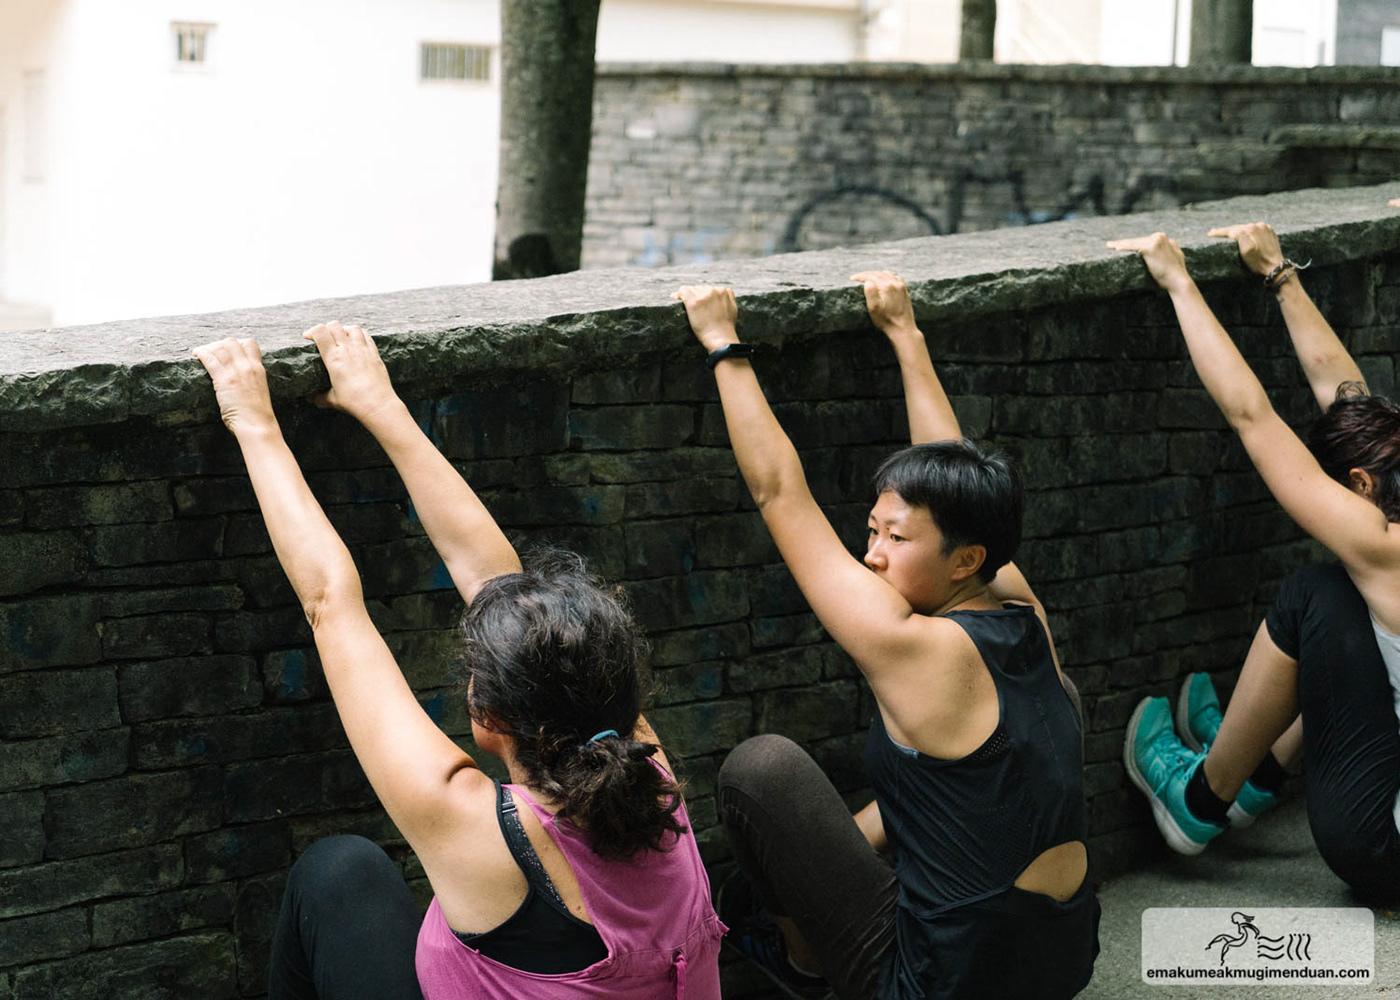 parkour L'art Du Deplacement movement women basque country spain lotzenadd